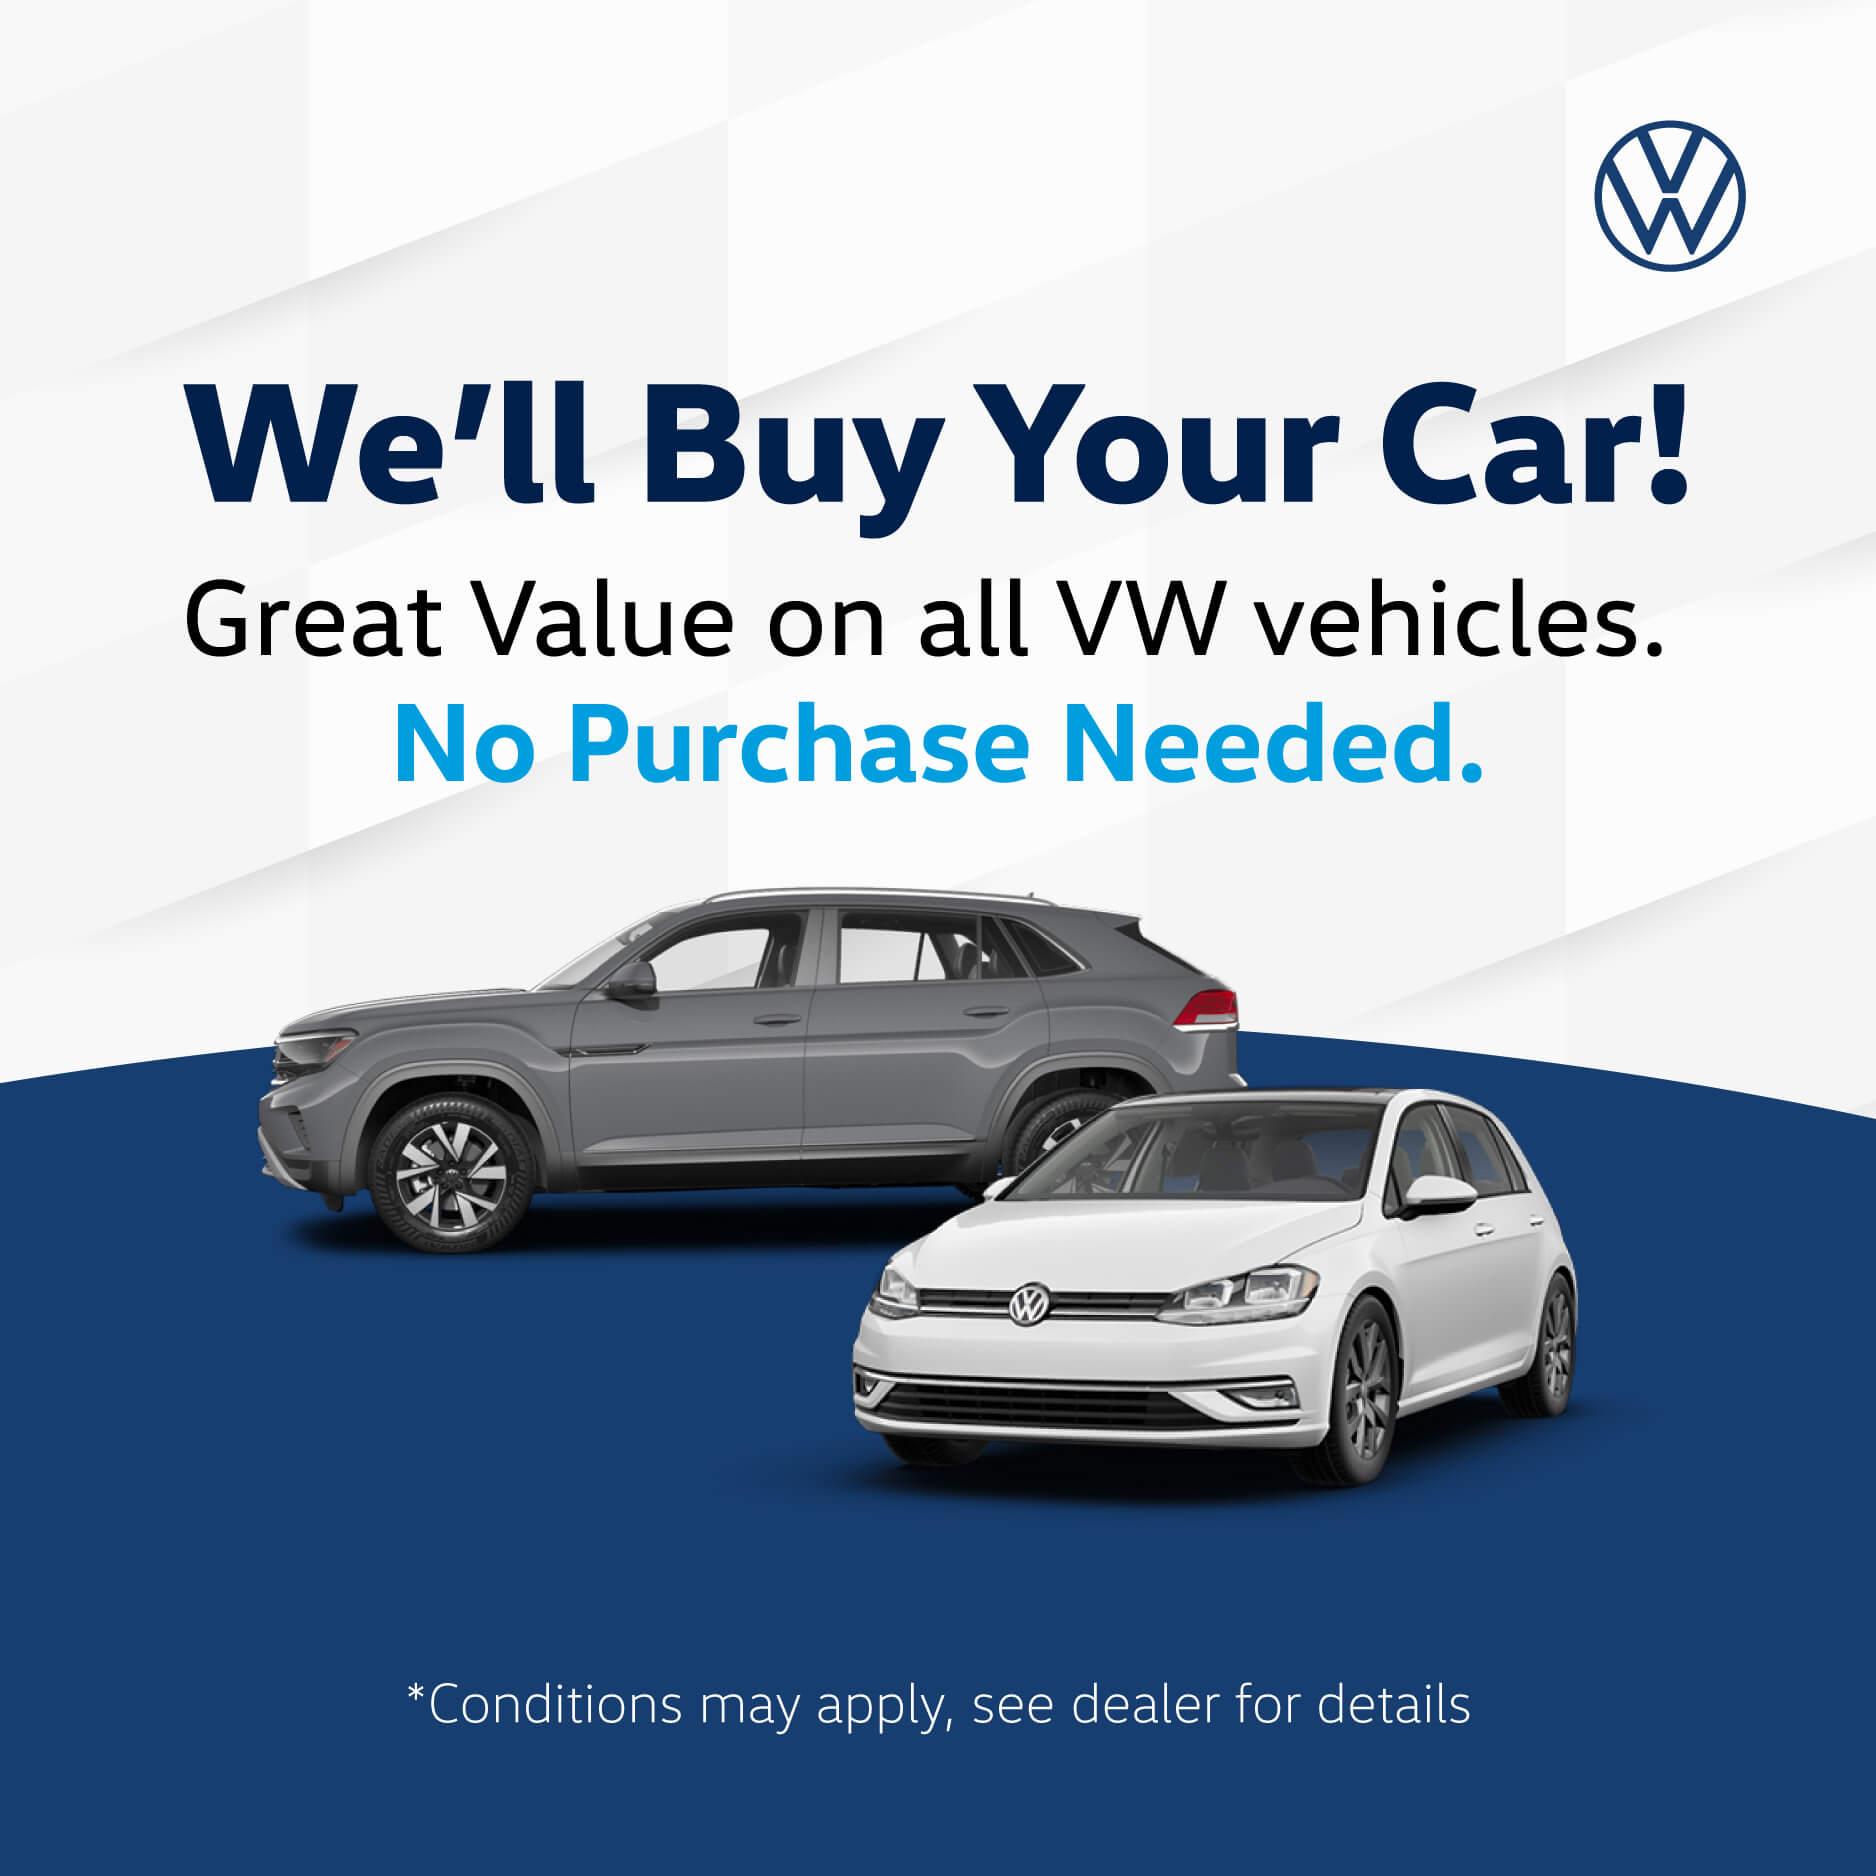 We'll Buy Your Car - Humberview Volkswagen